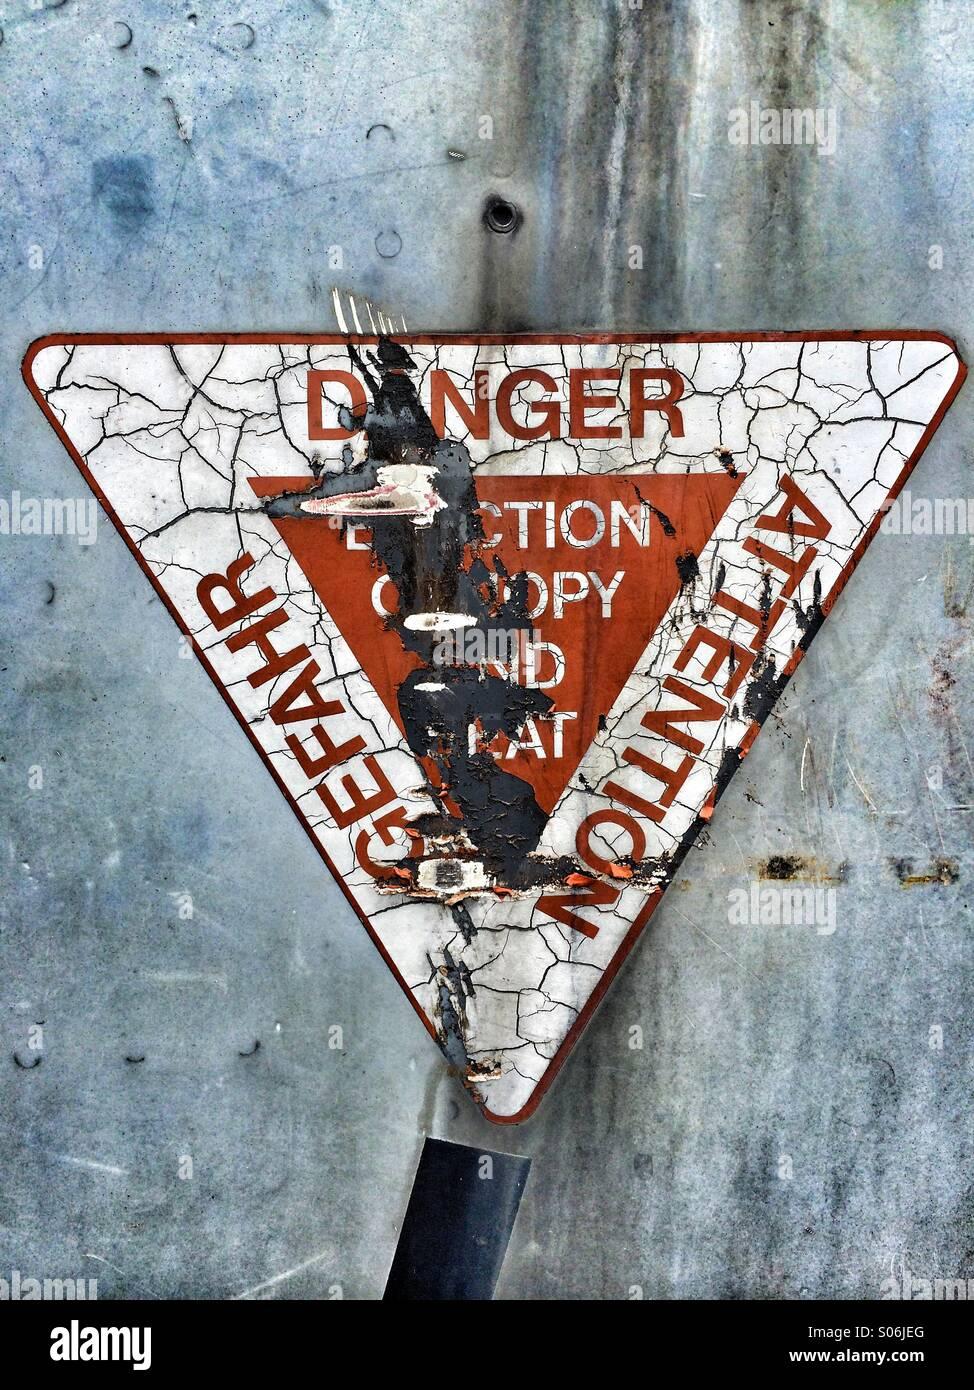 Danger sign - Stock Image